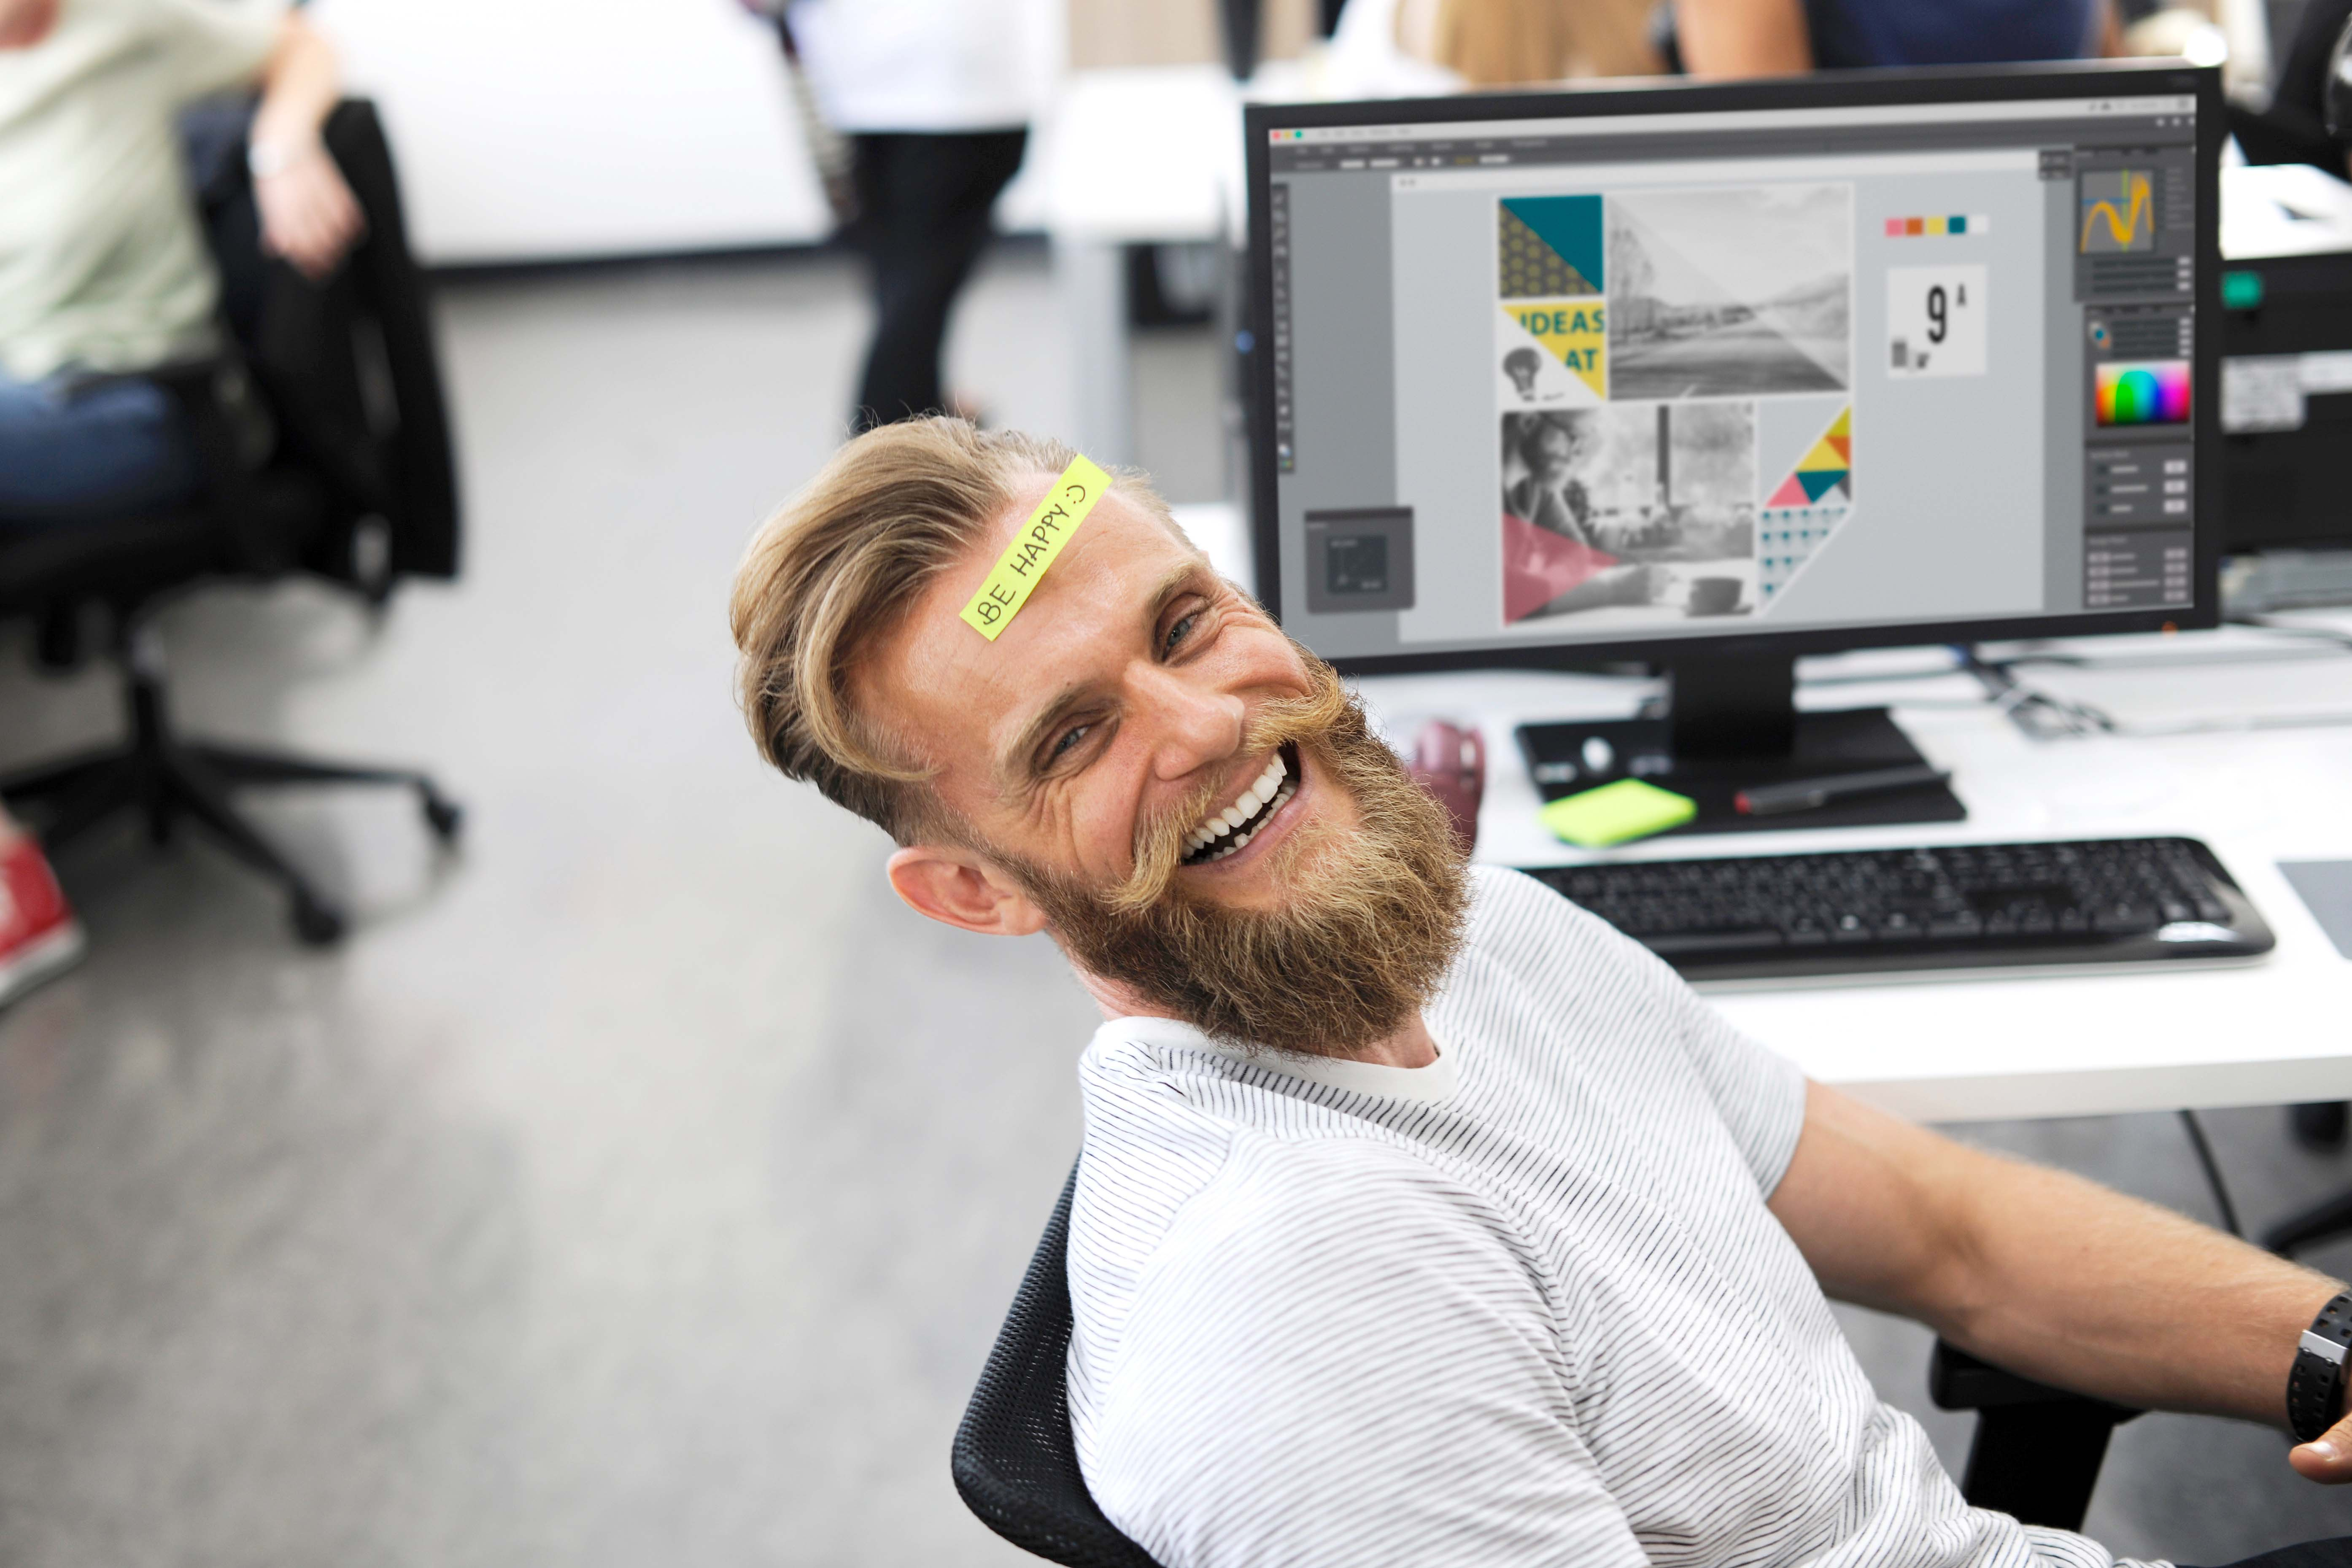 Steigern Sie Ihre Produktivität am Arbeitsplatz